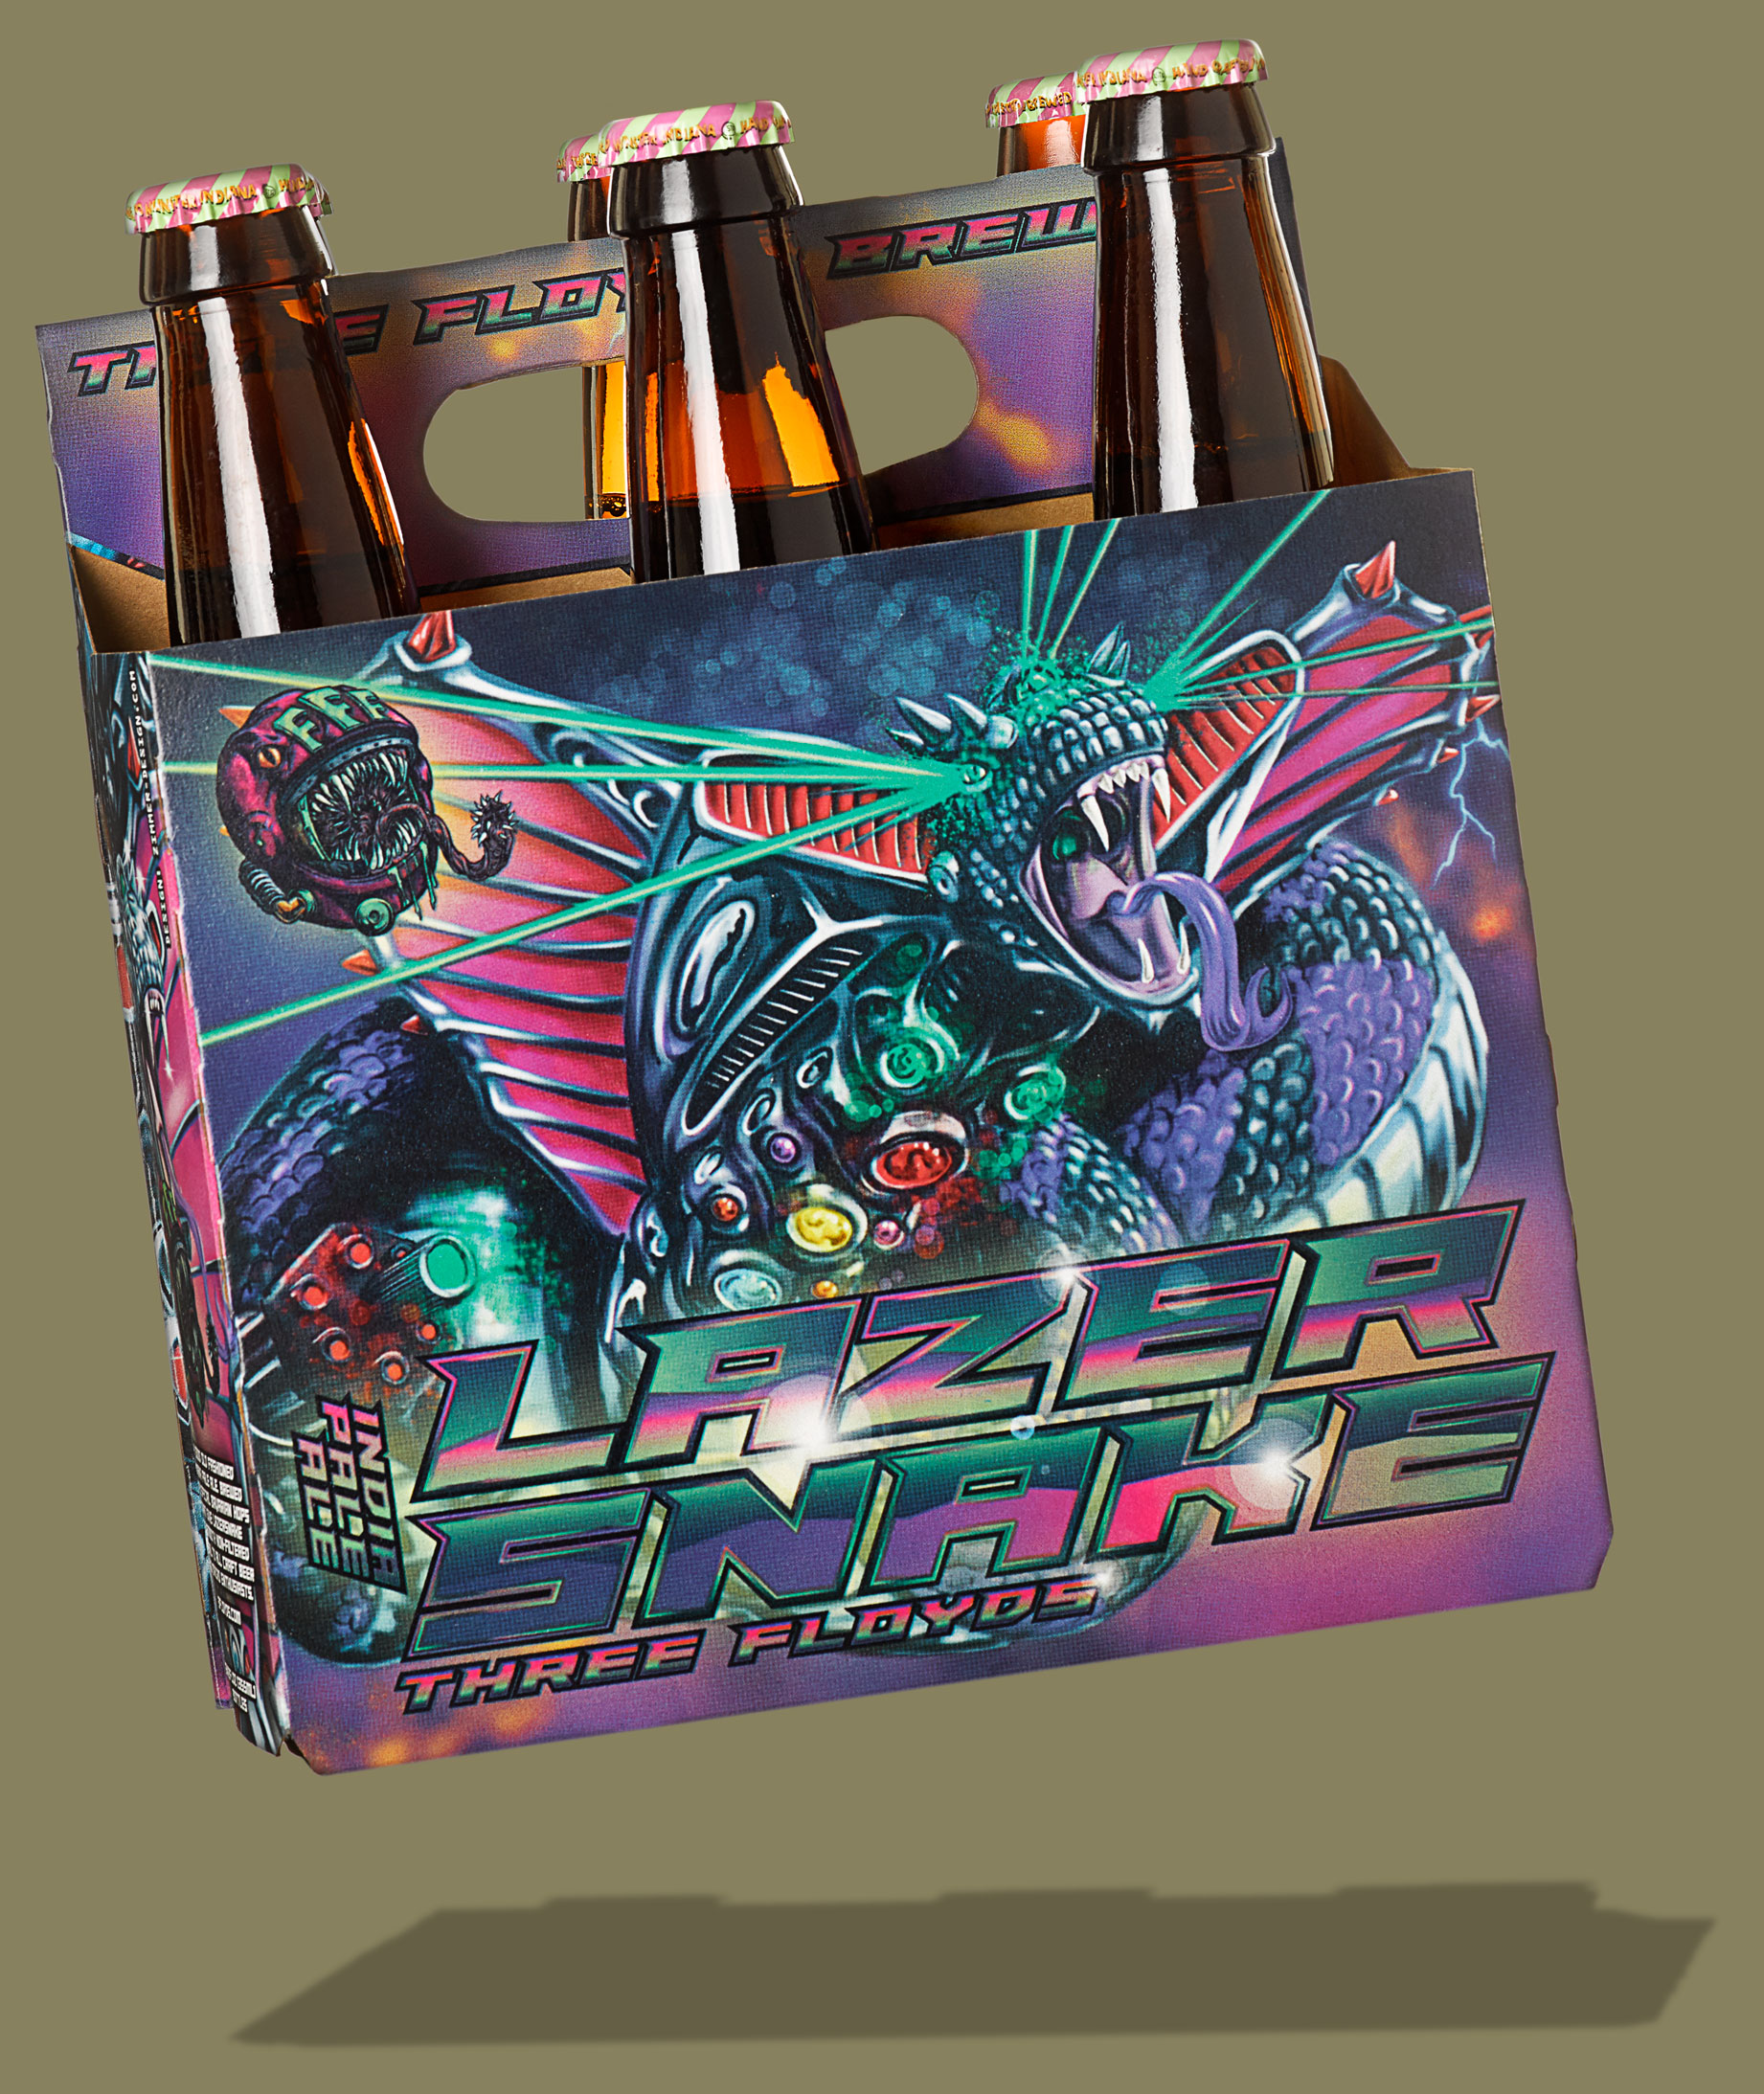 Lazer Snake 12 Pack